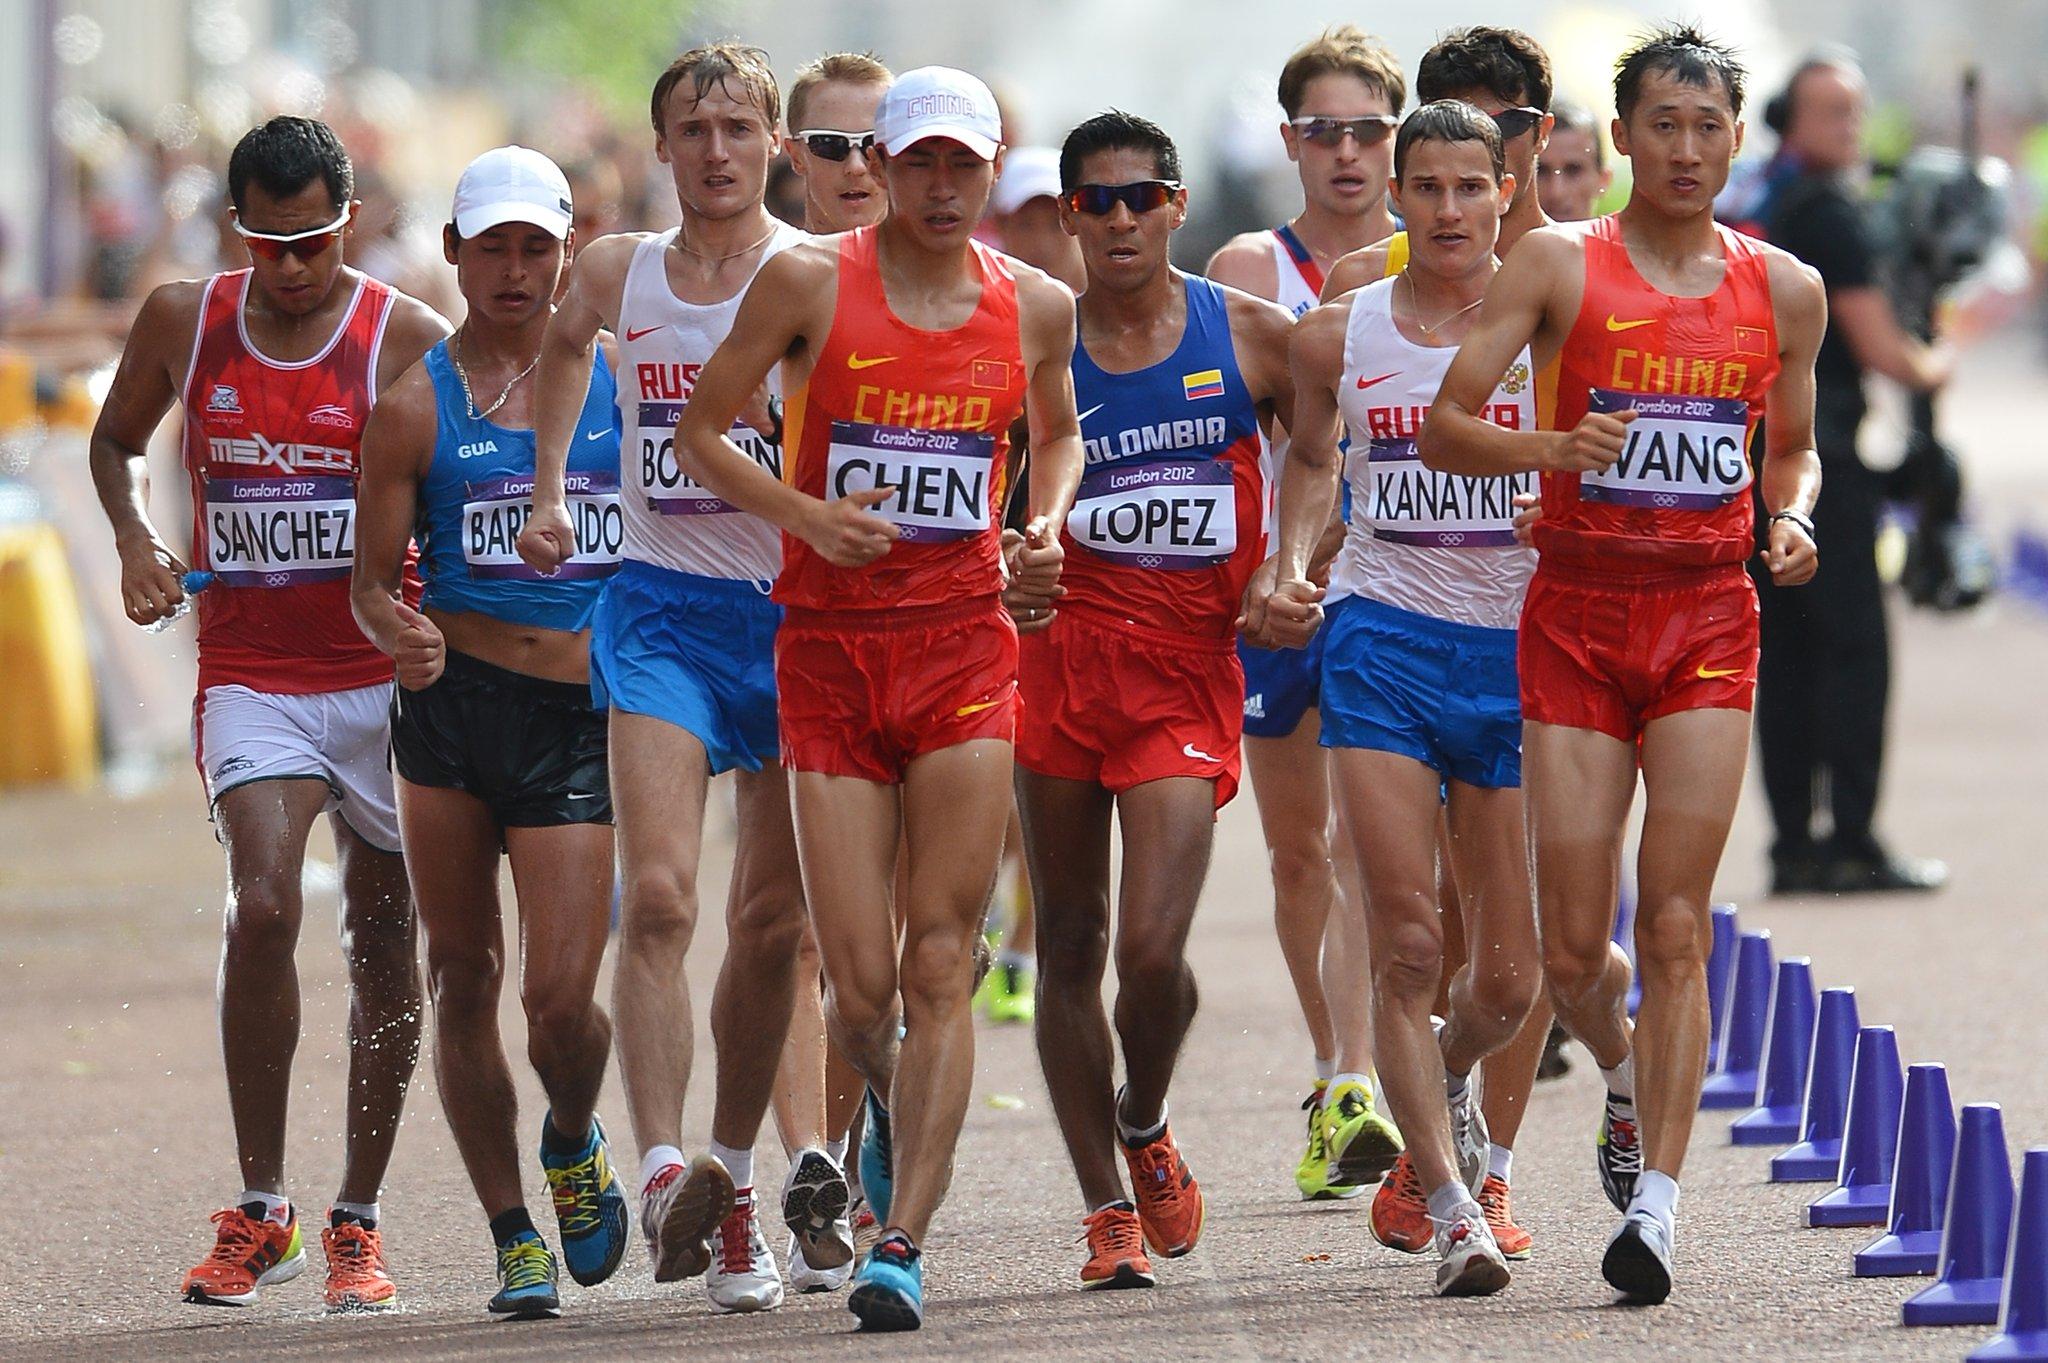 Race Walking